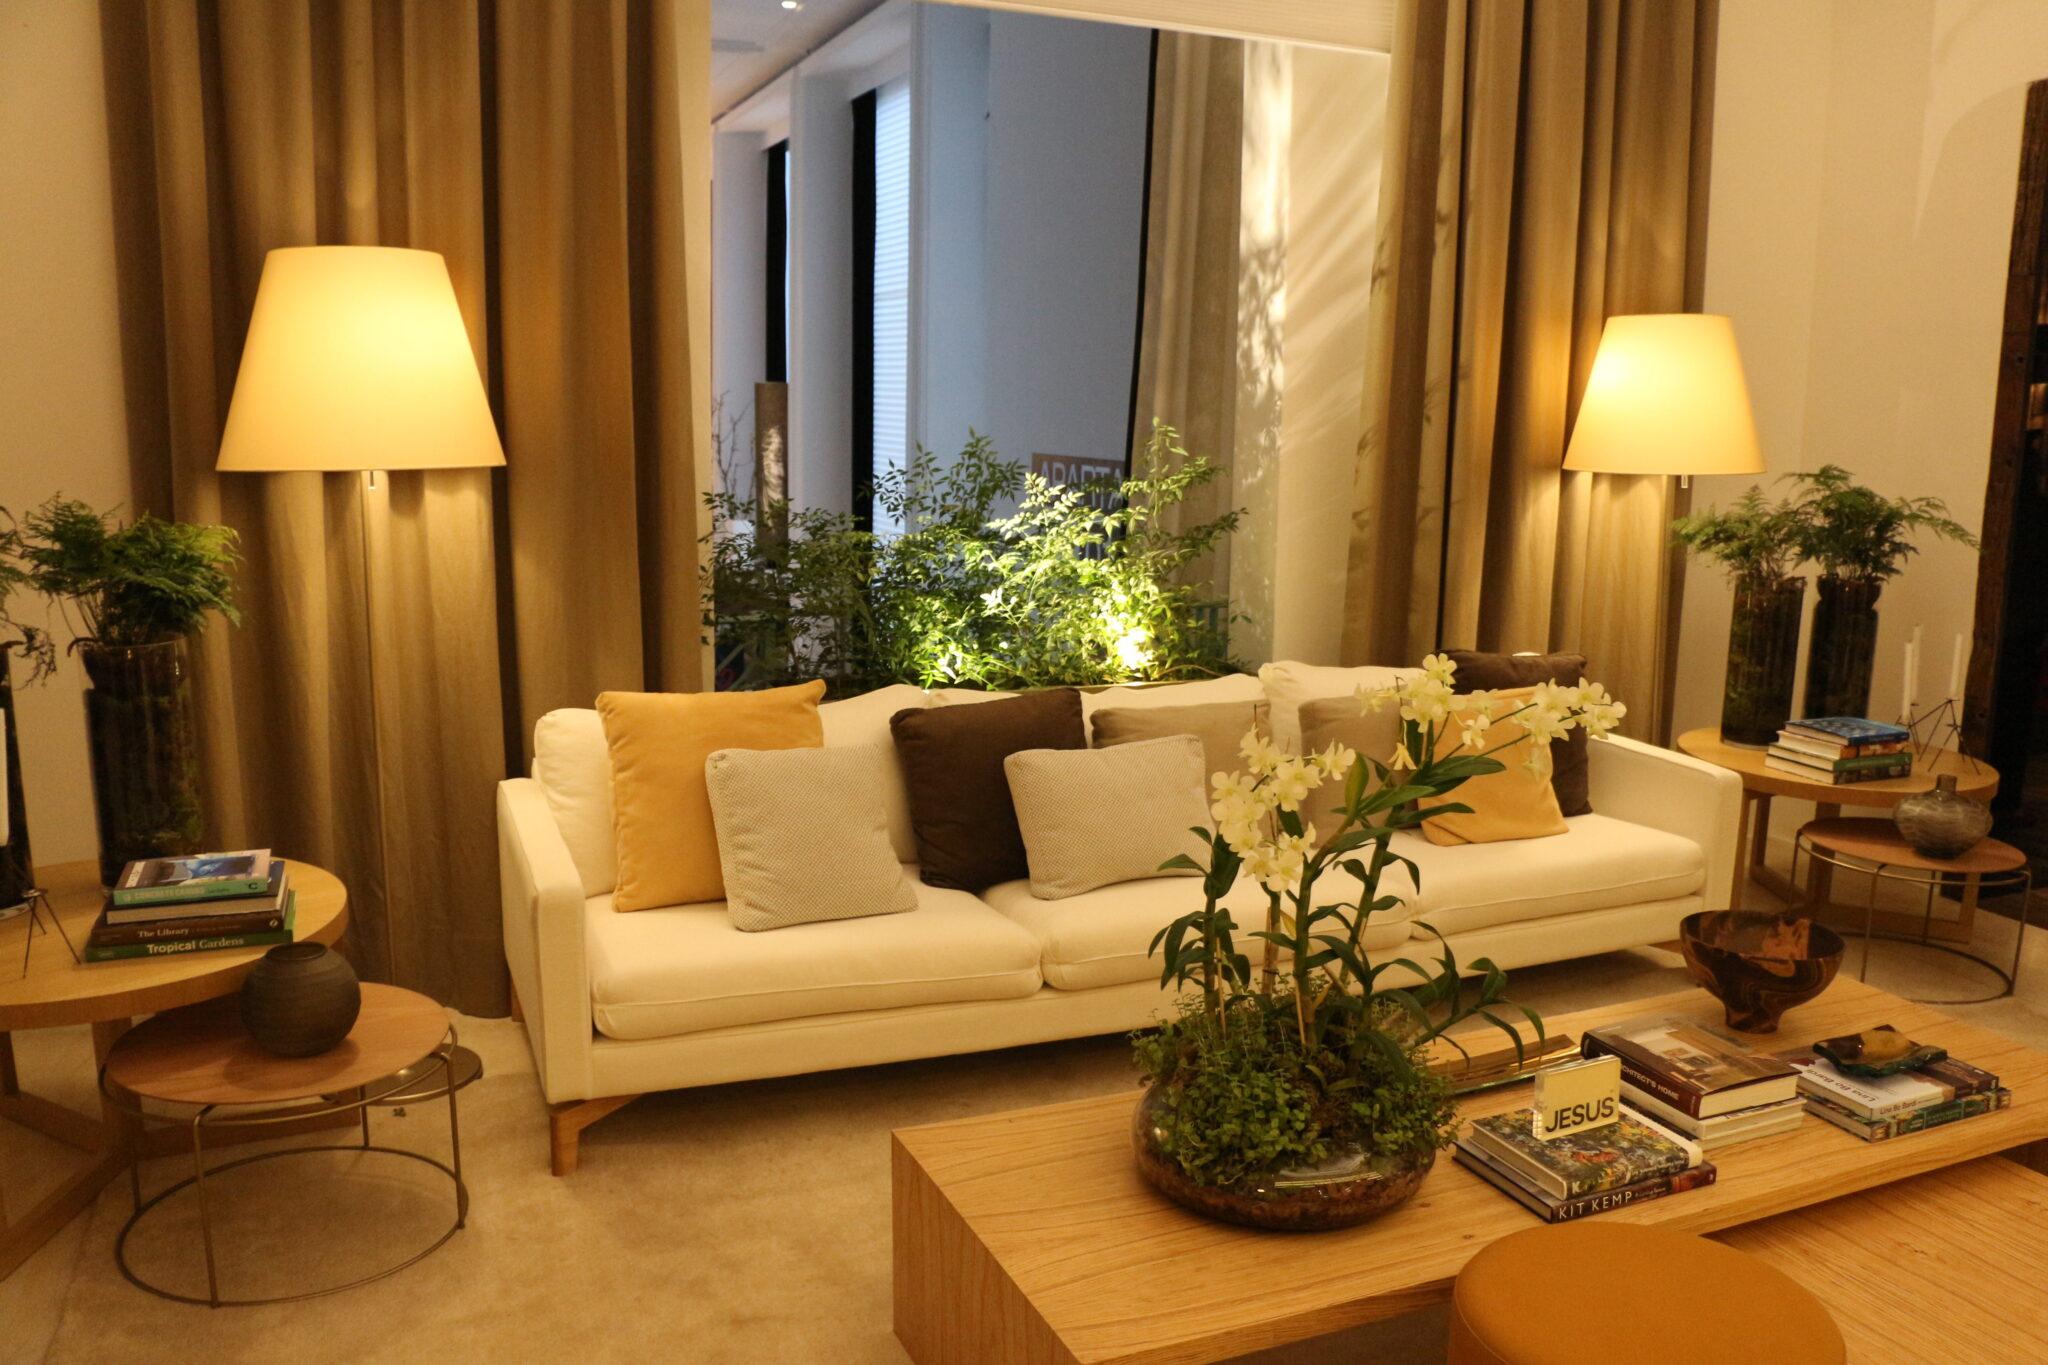 Casa Cor Sp 29 Mostra De Decora O Casa Casada -> Decoracao Para Sala Aconchegante